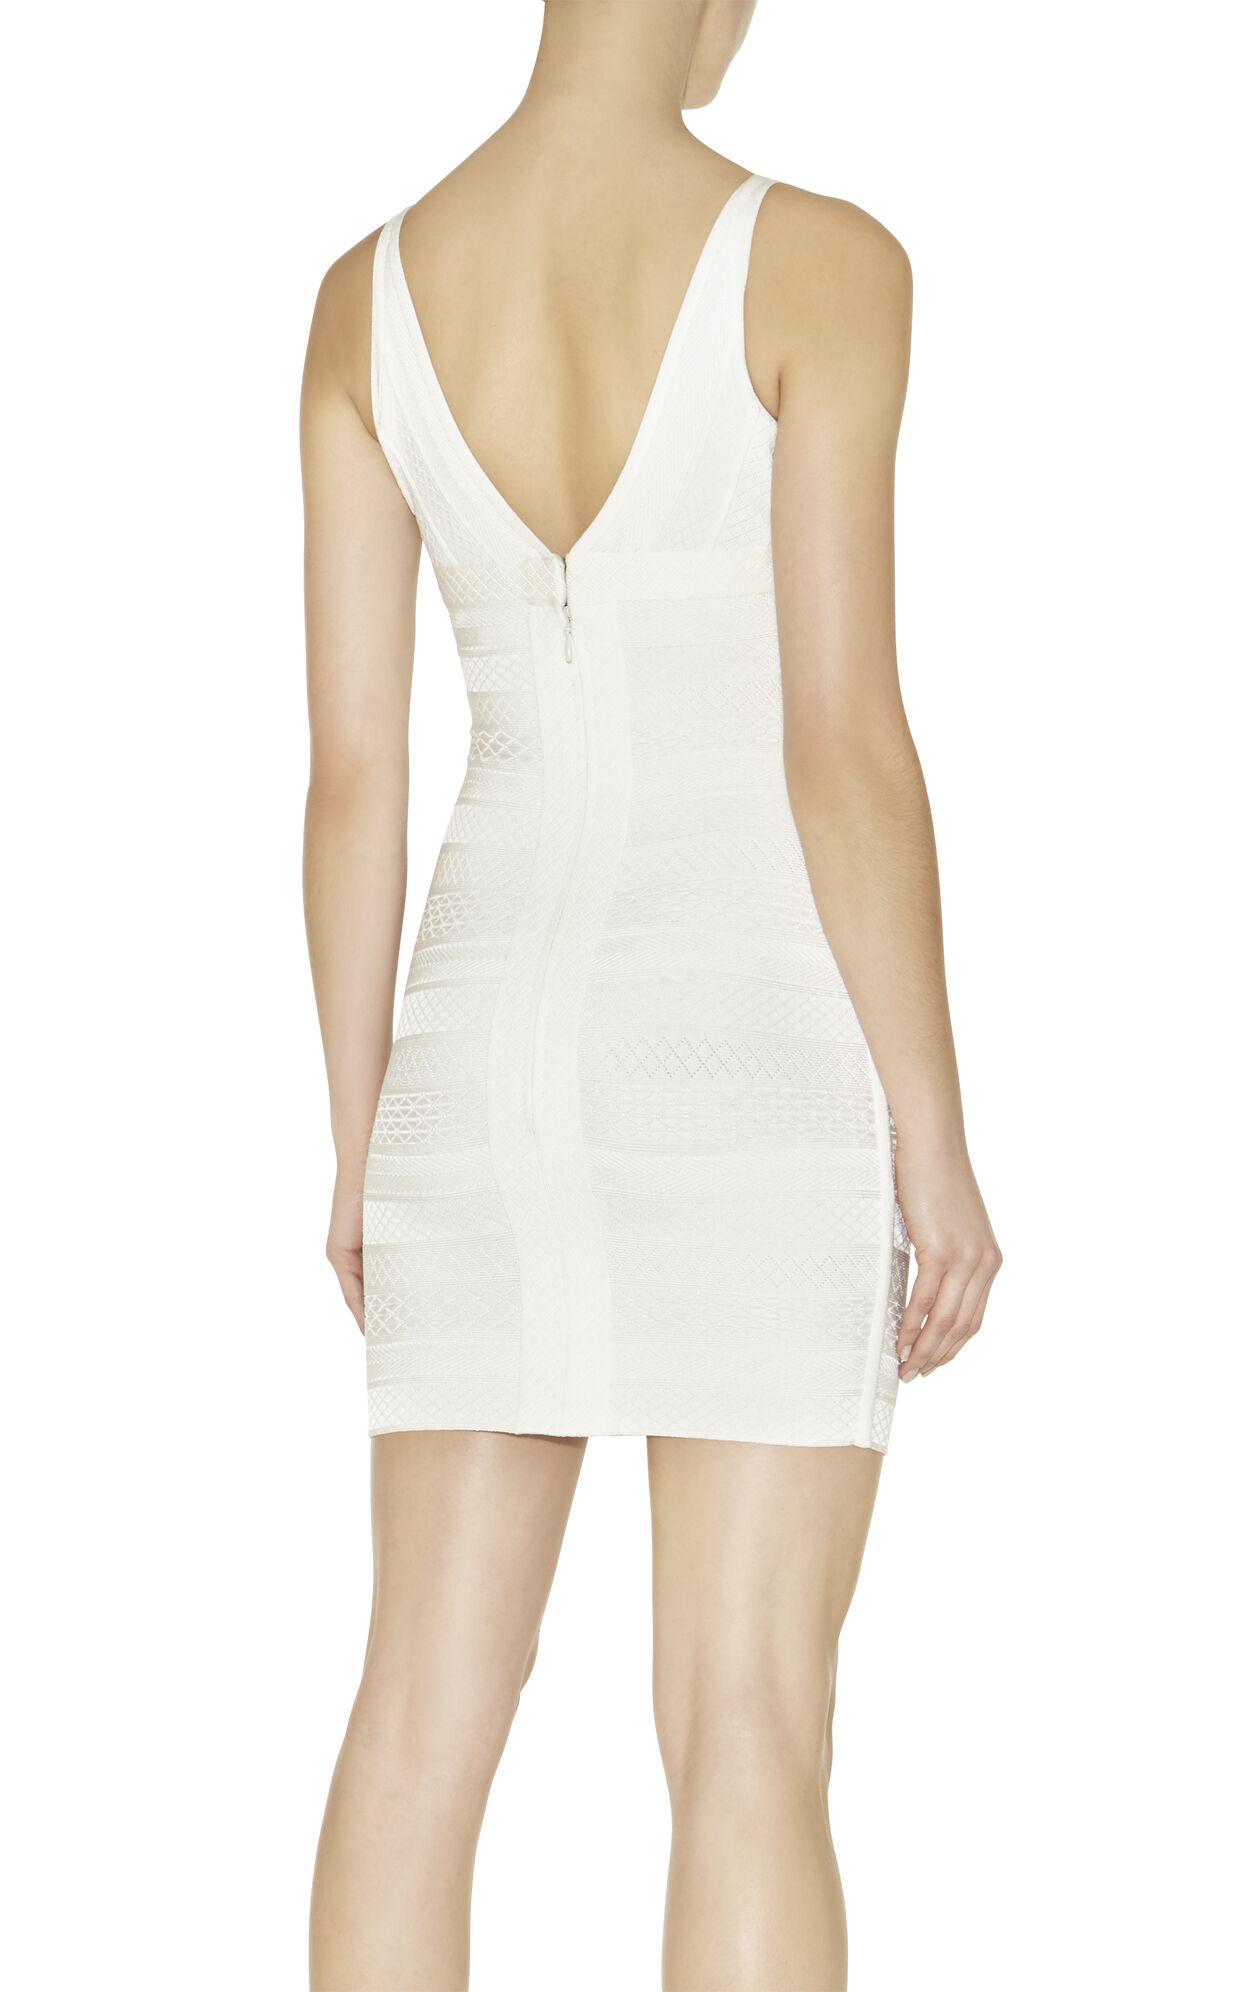 Lauren Embossed-Texture Dress